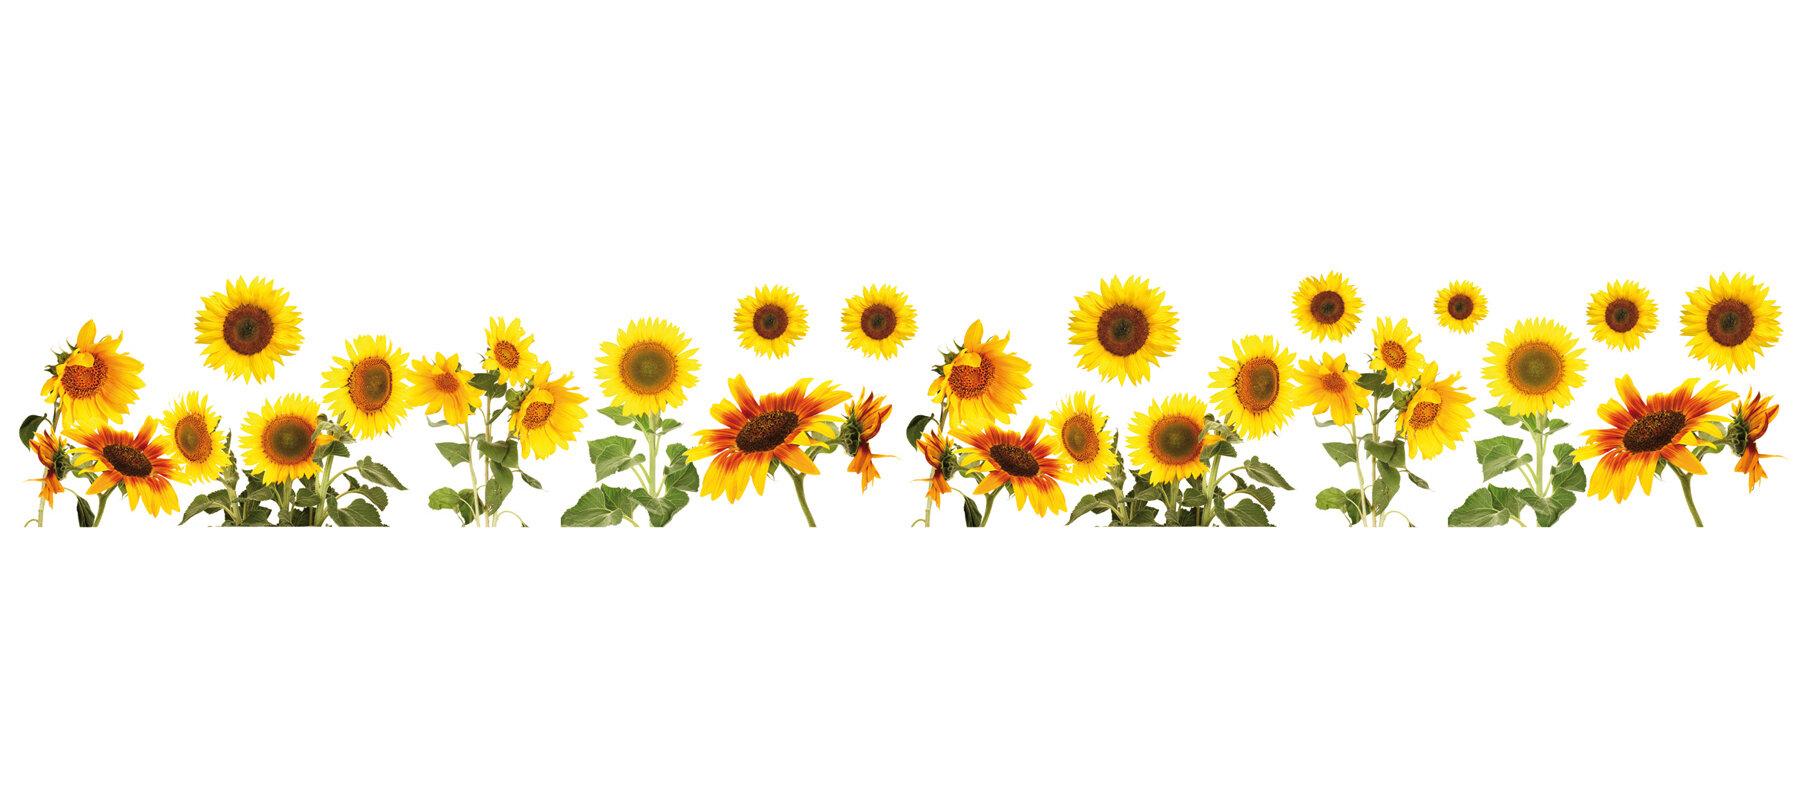 WallPops! Sunflowers Border Wall Decal & Reviews | Wayfair